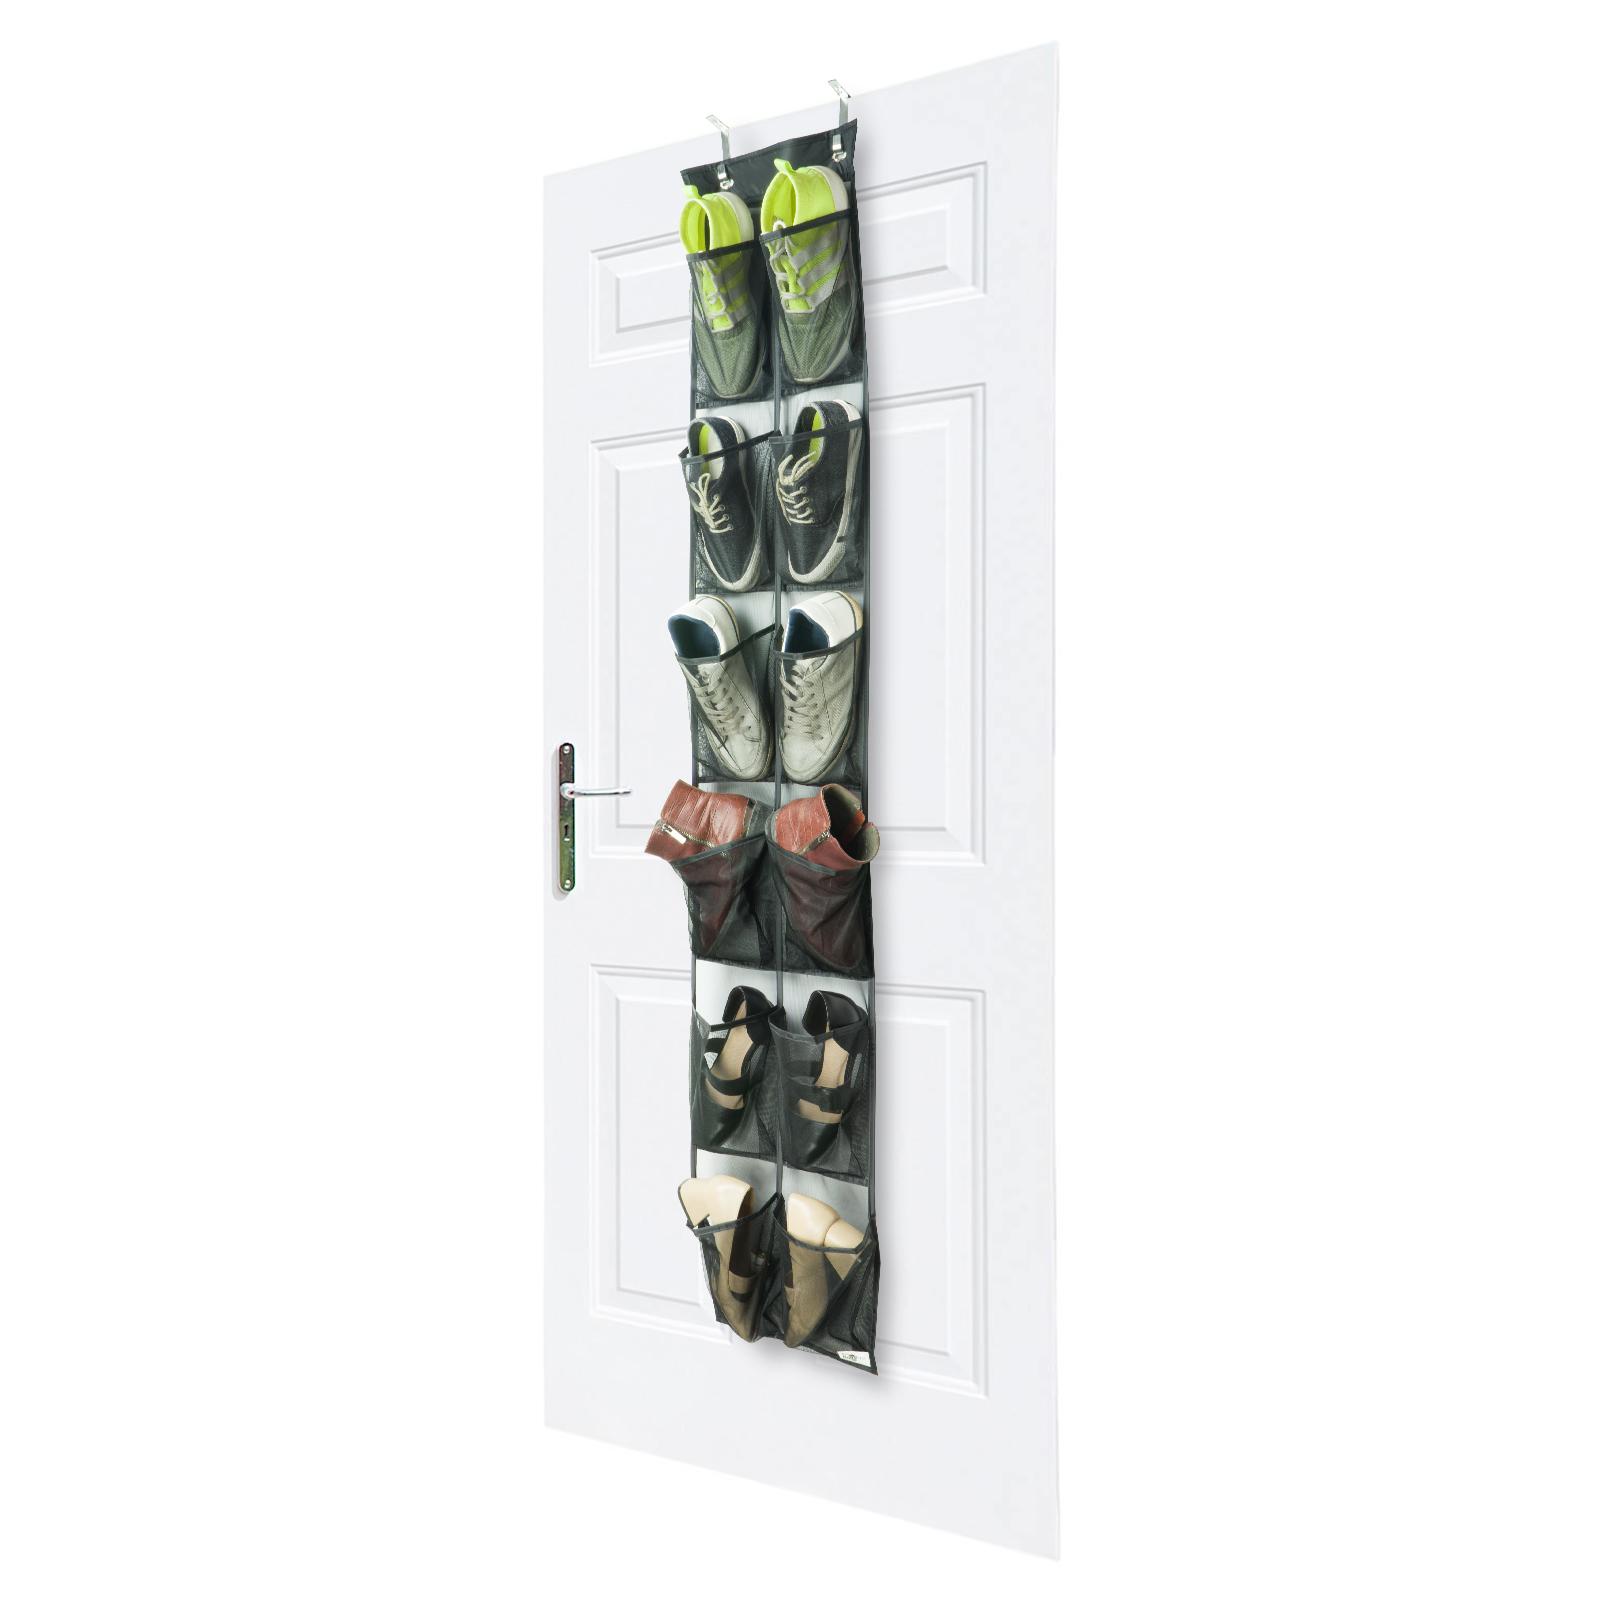 Shoe Organiser Over The Door Pack